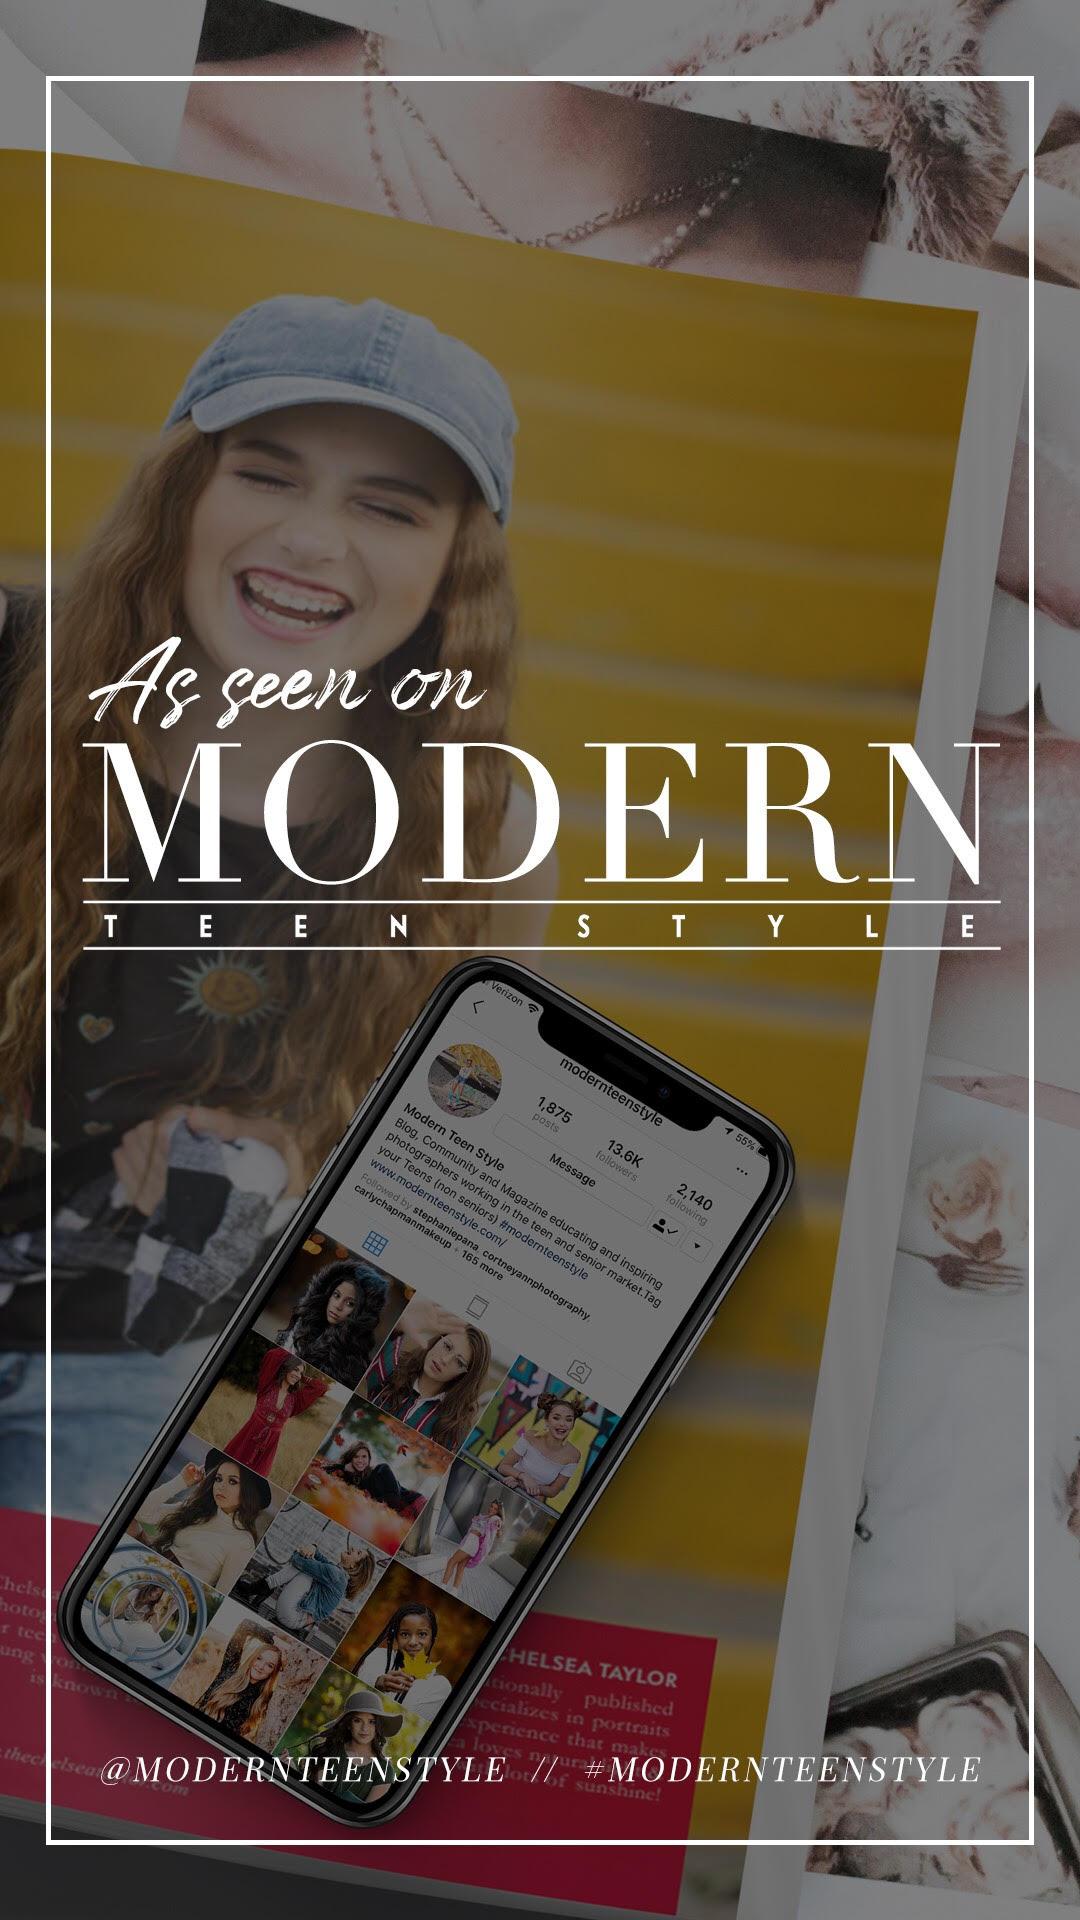 modernteenmagazinebutton.jpg